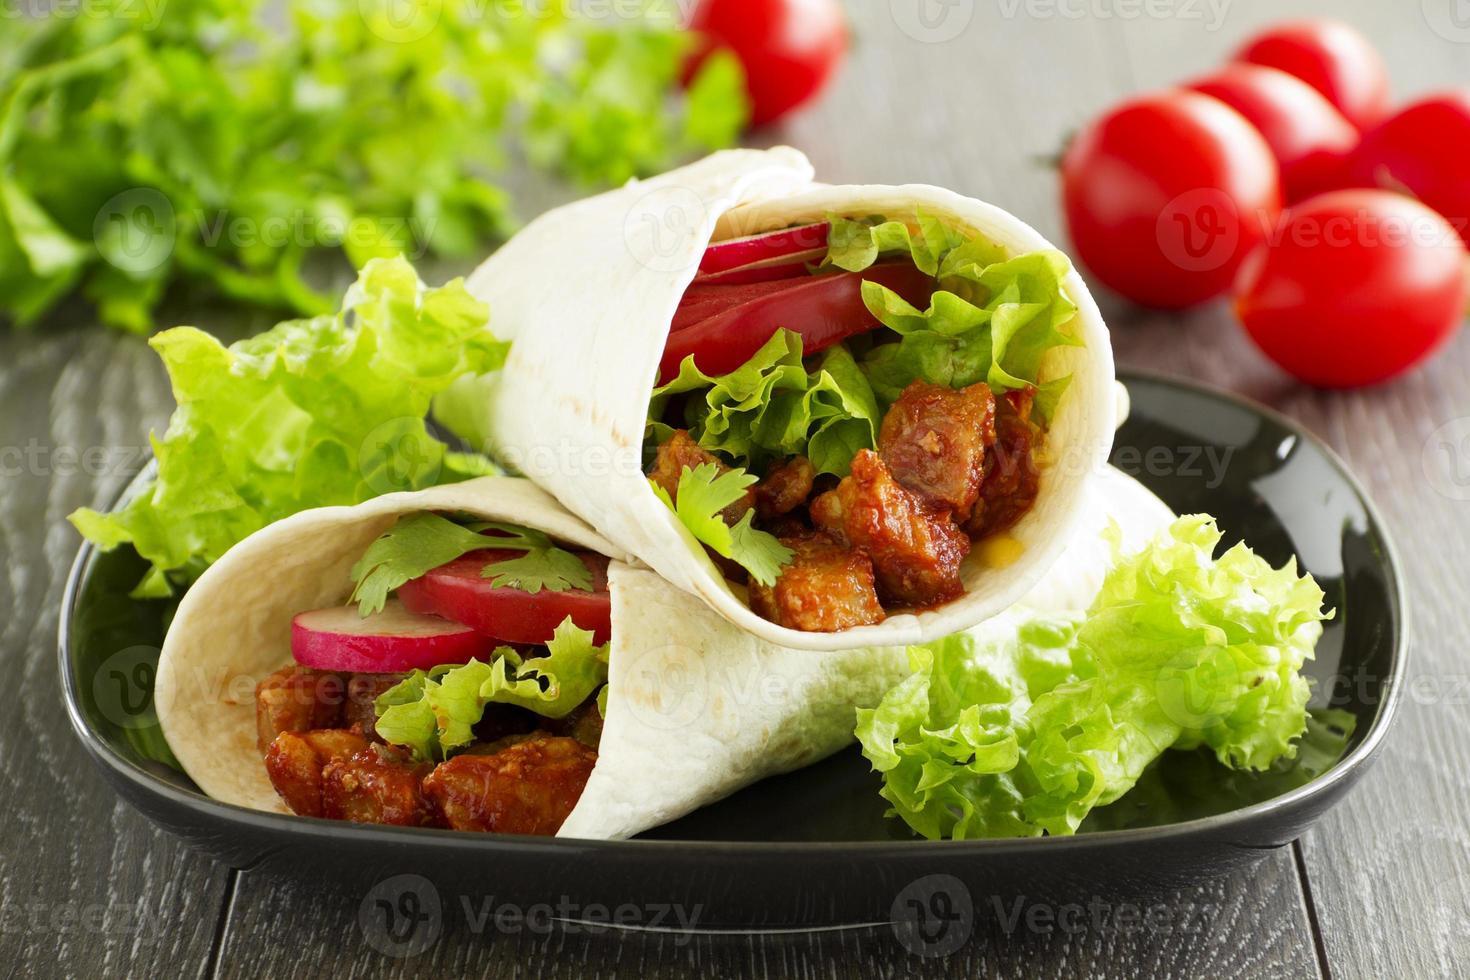 burrito med fläsk och tomater. foto